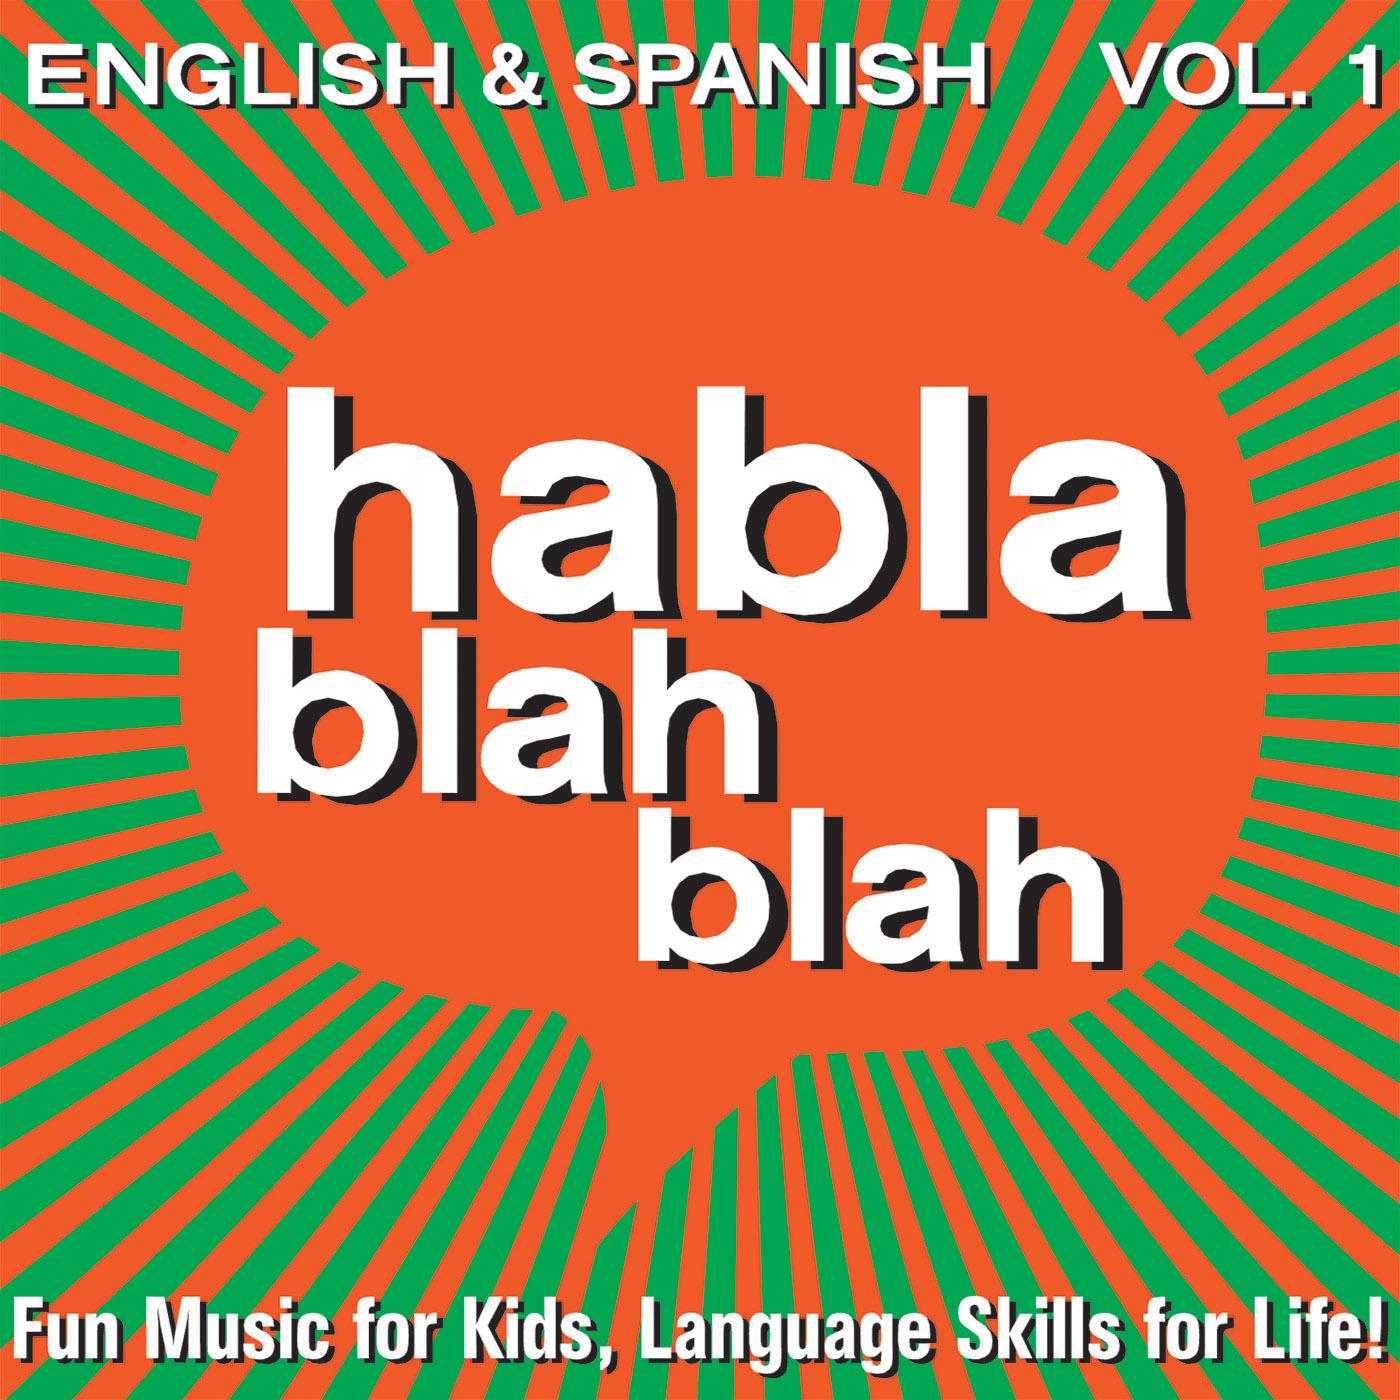 CD cover of Habla Blah Blah